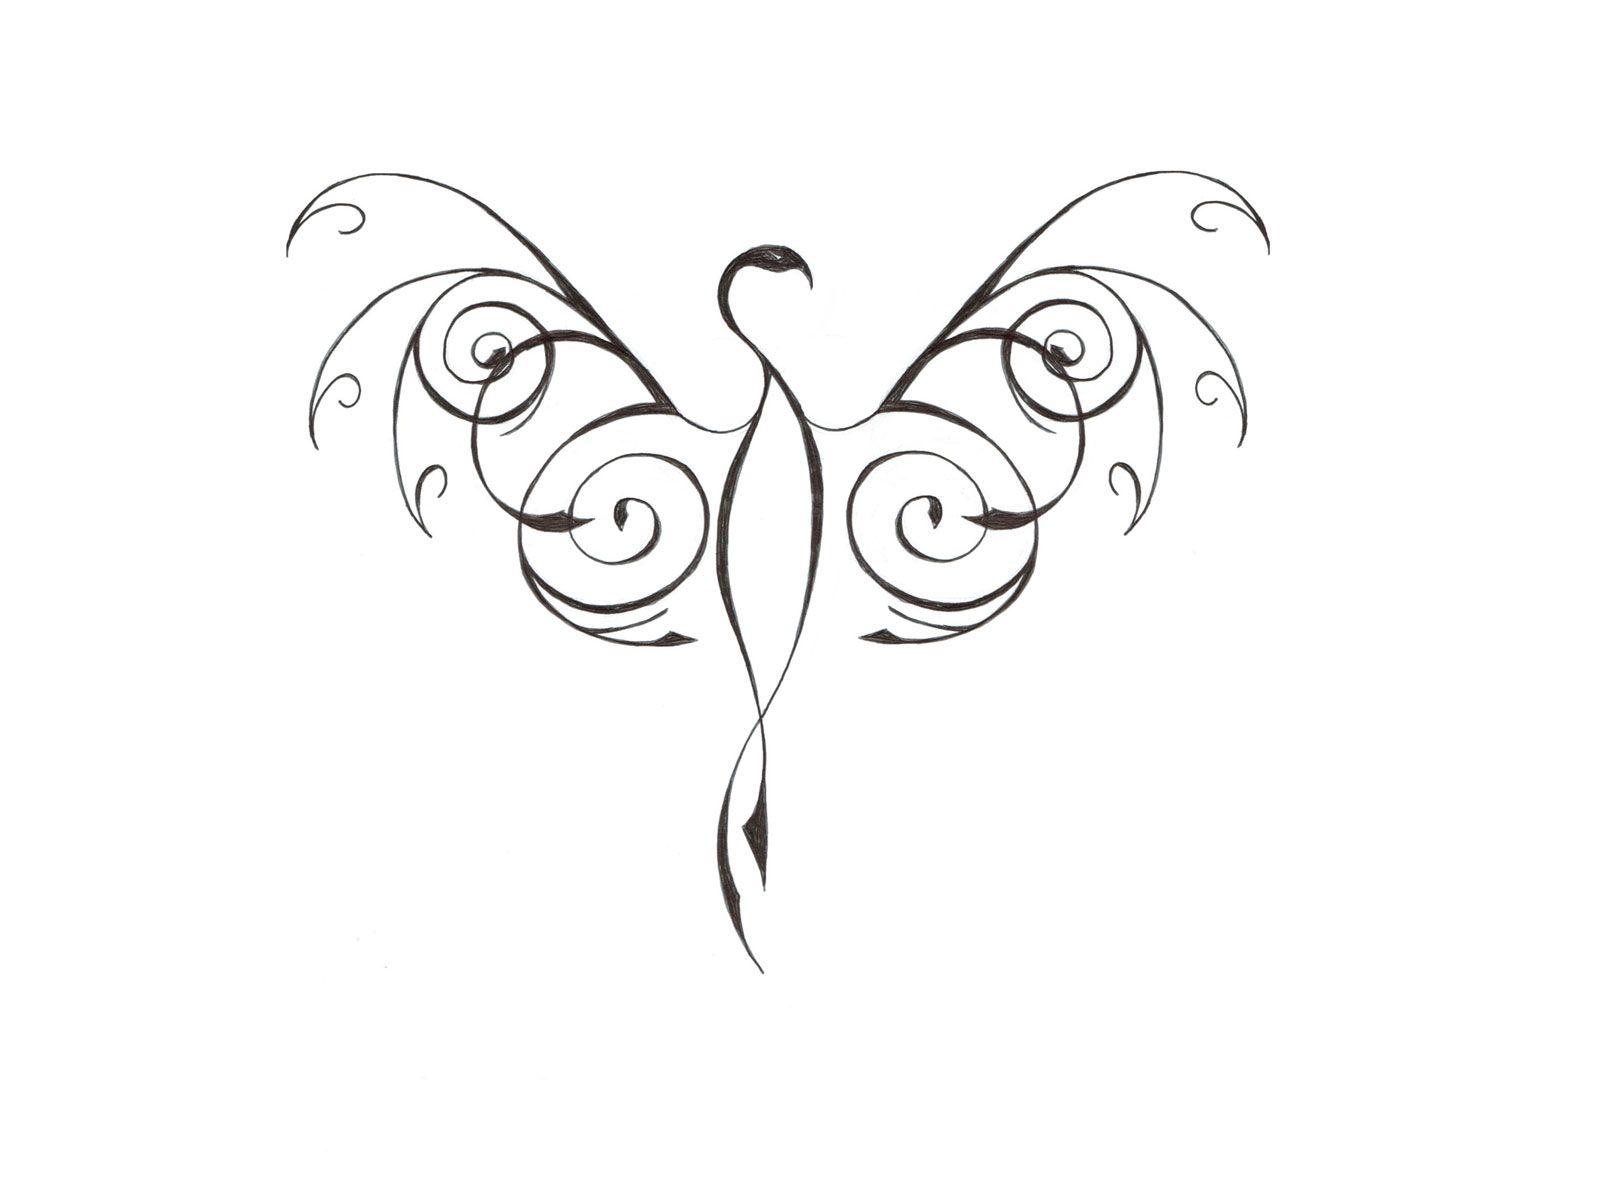 Phoenix Tattoos For Women Tattoo Designs Phoenix 05 The Collectioner Tattoos Phoenix Tattoo Phoenix Bird Tattoos